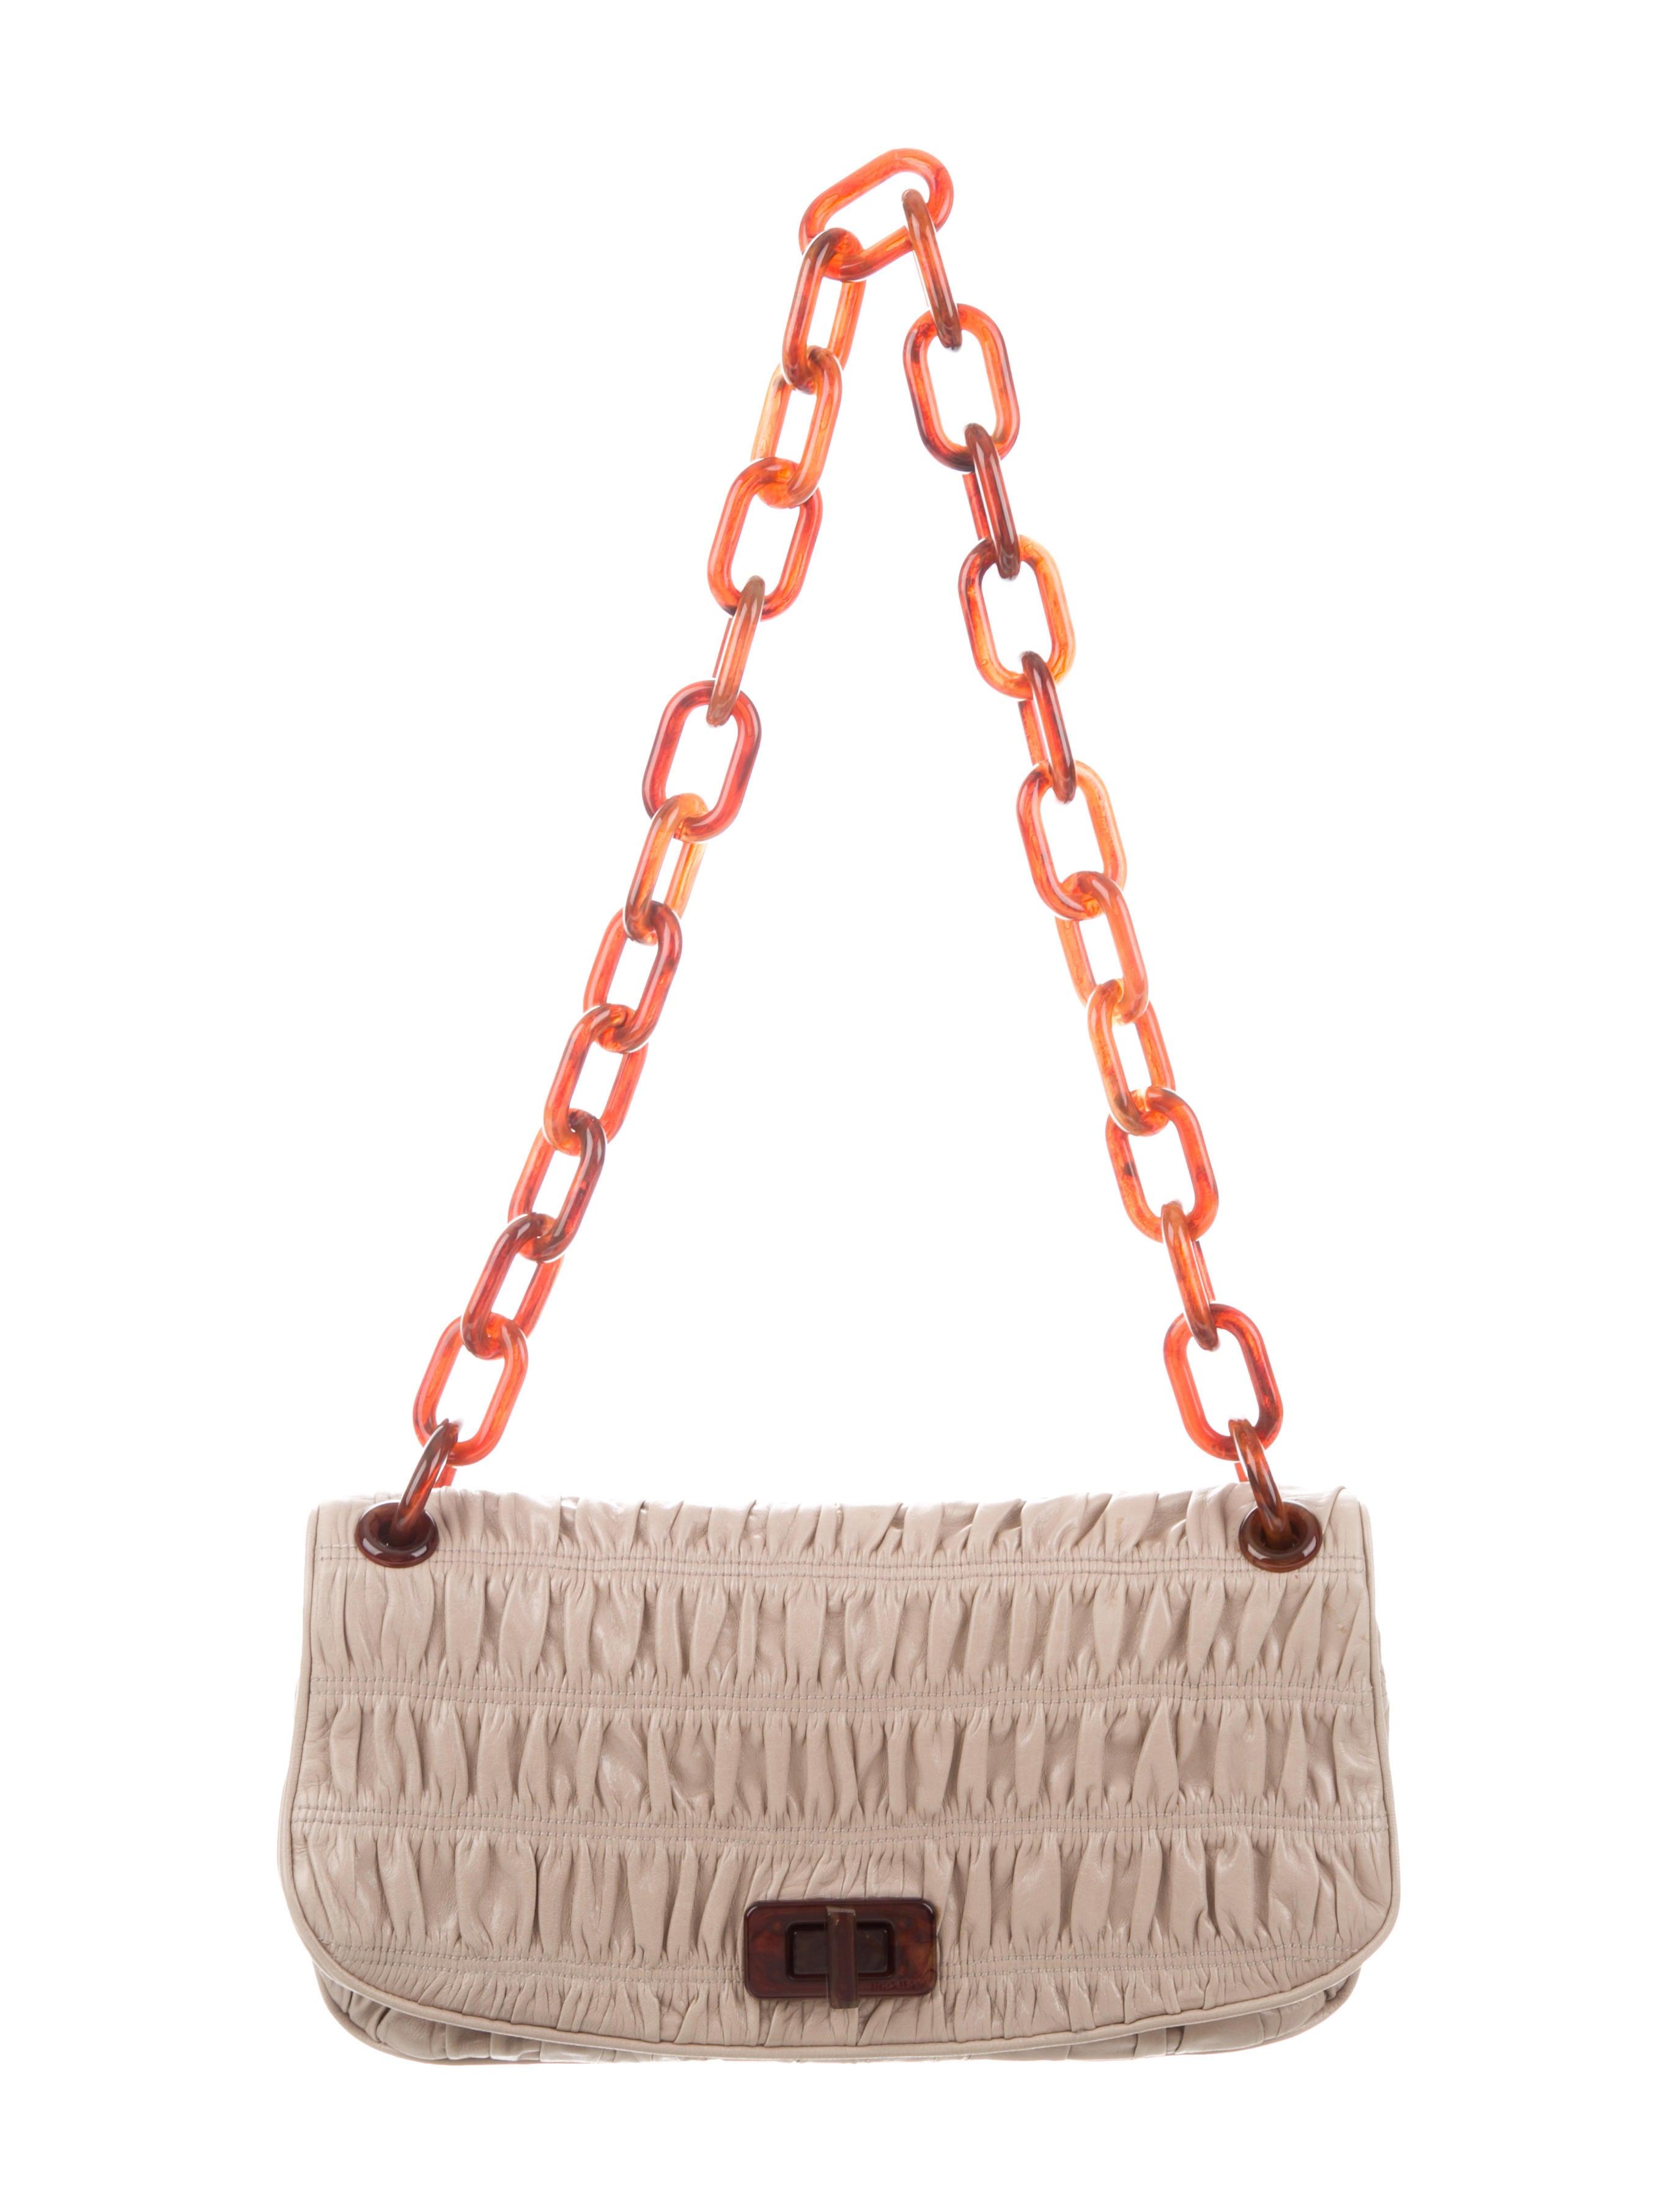 Prada Capretto Gaufre Bag - Handbags - PRA247260   The RealReal 53f3088b5d